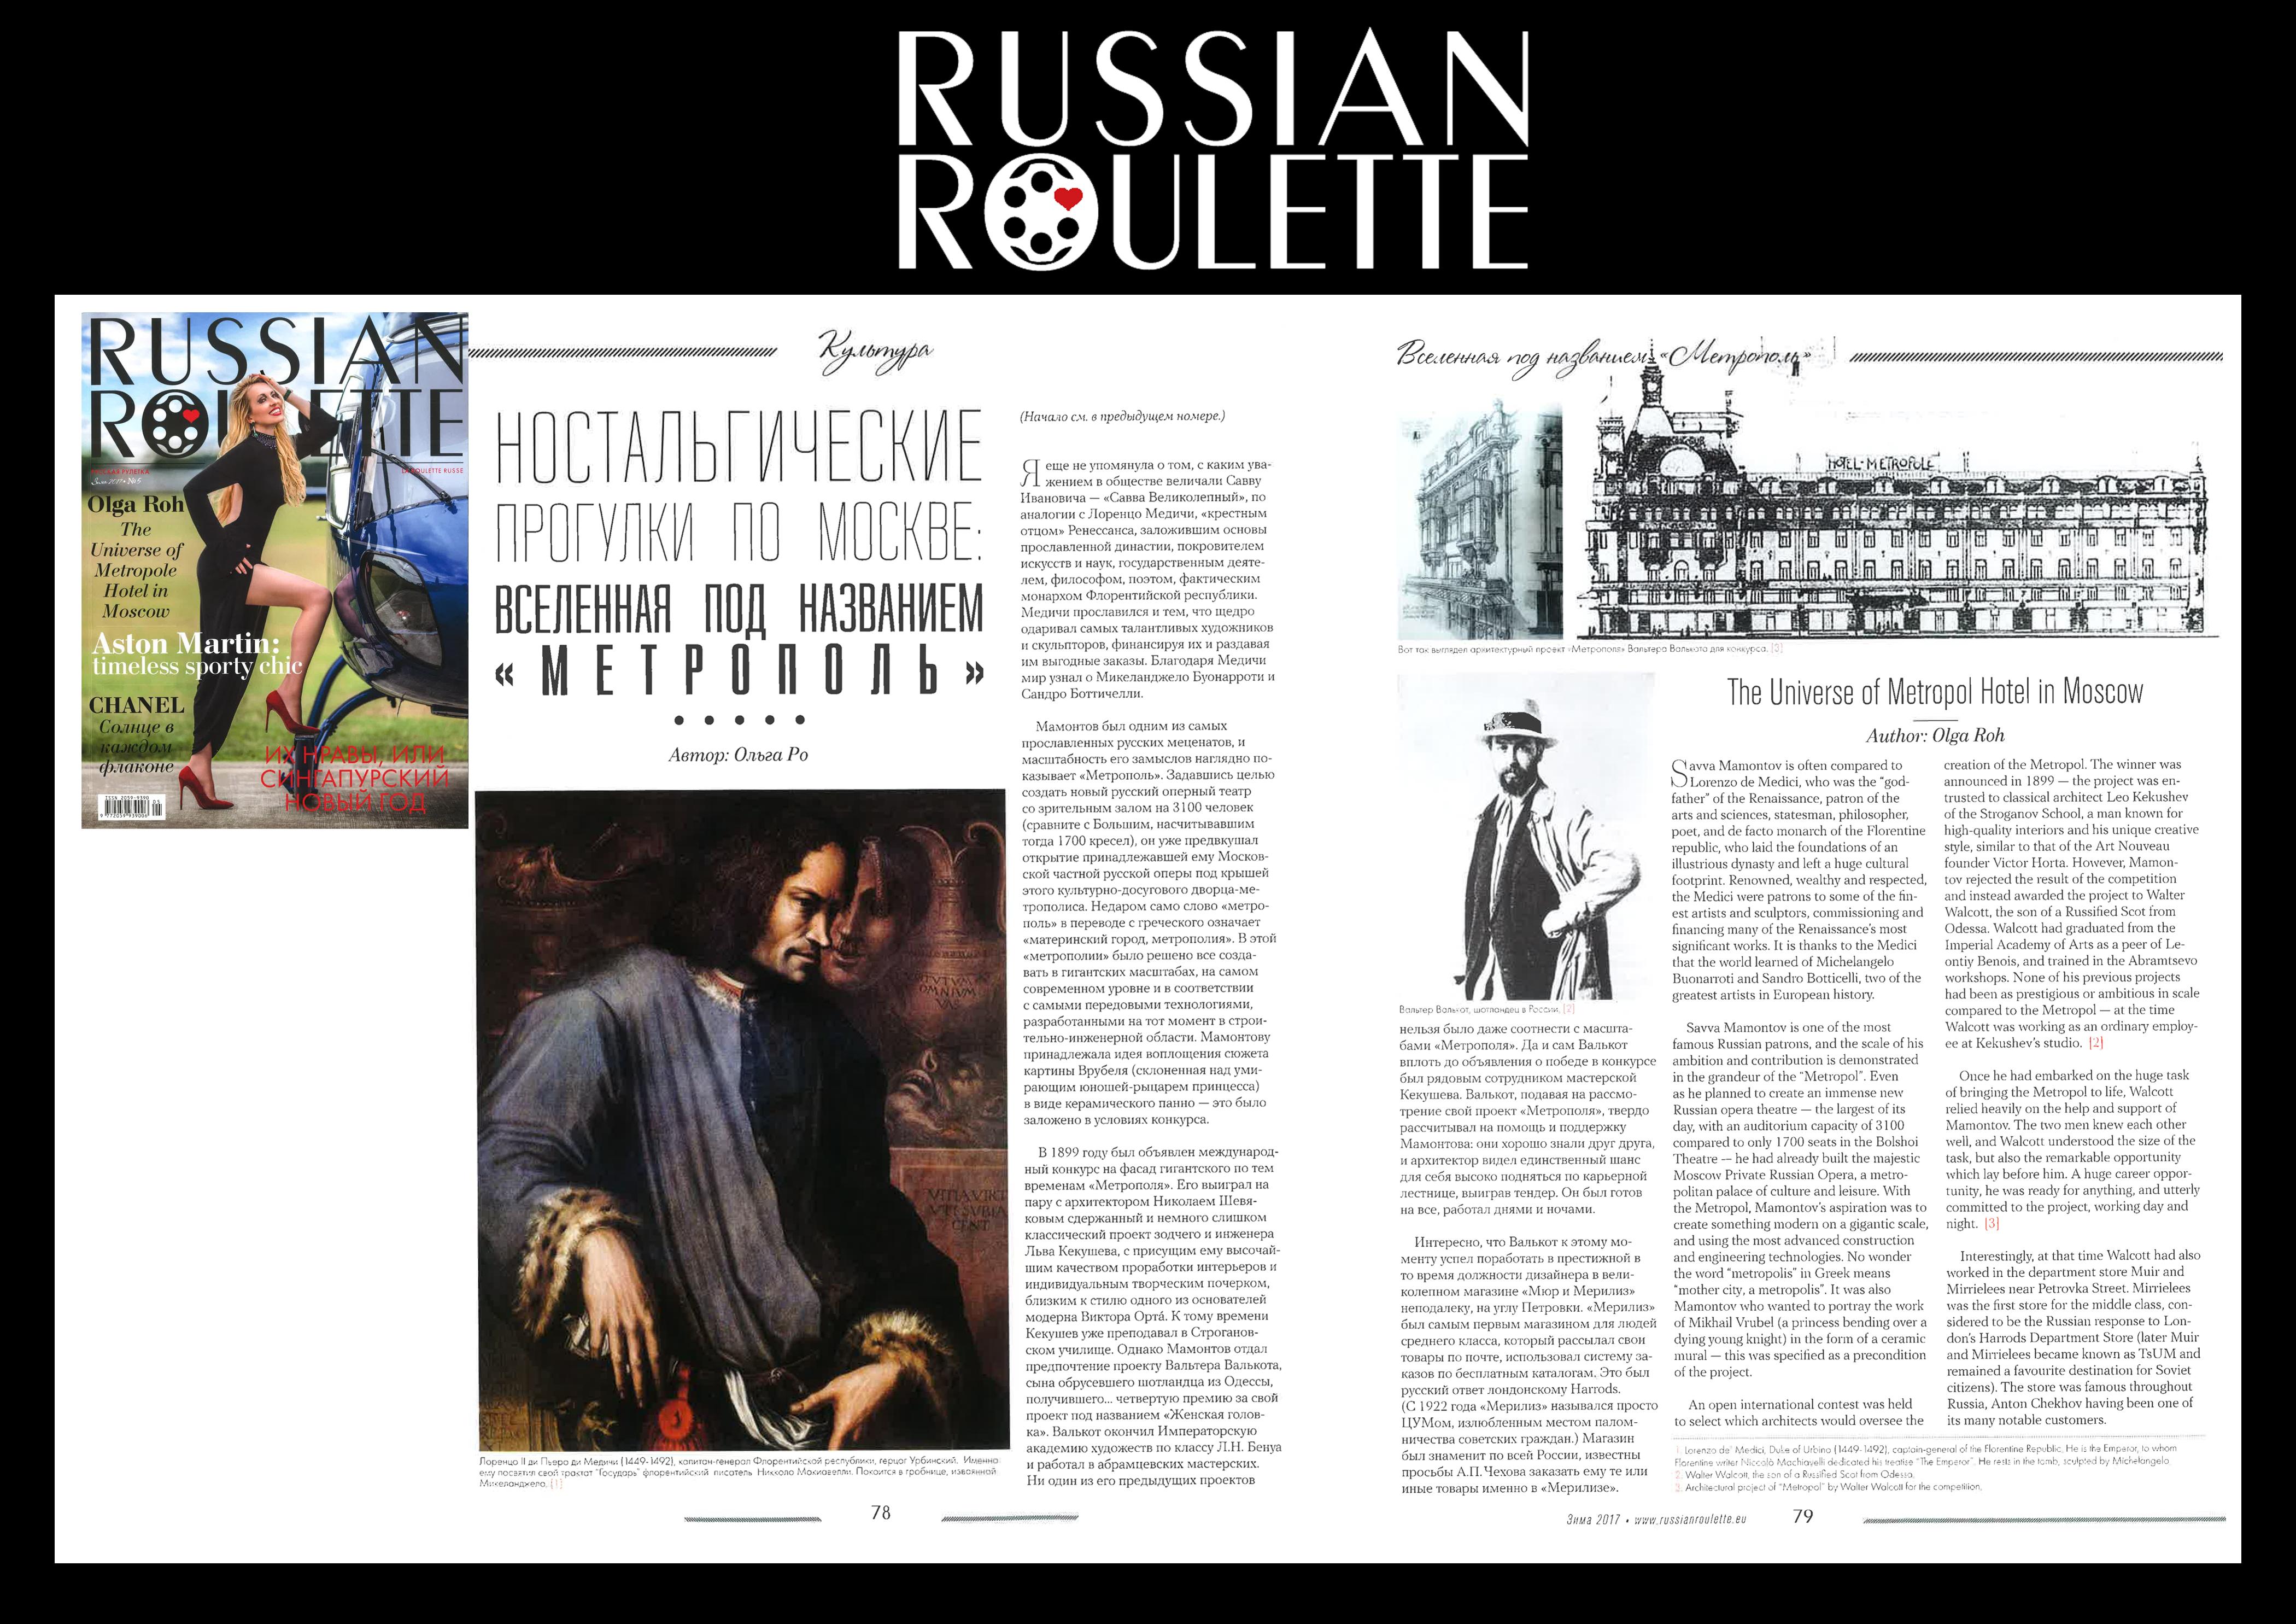 RUSSIAN ROULETTE METROPOLE 2-1